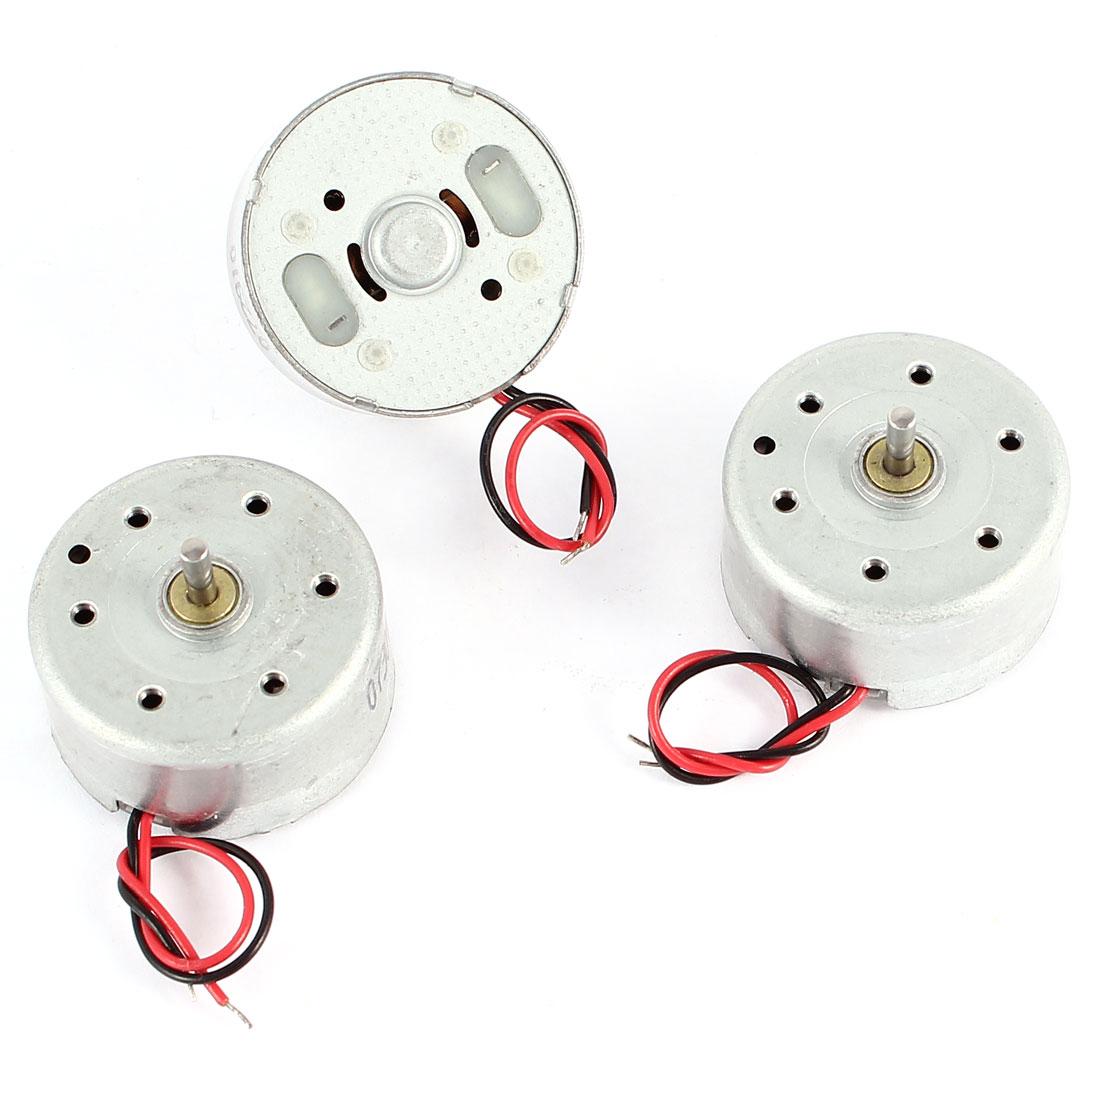 3 Pcs DC 1.5-3V 4500RPM Electric Mini Motor 12x25mm for CD DVD Player